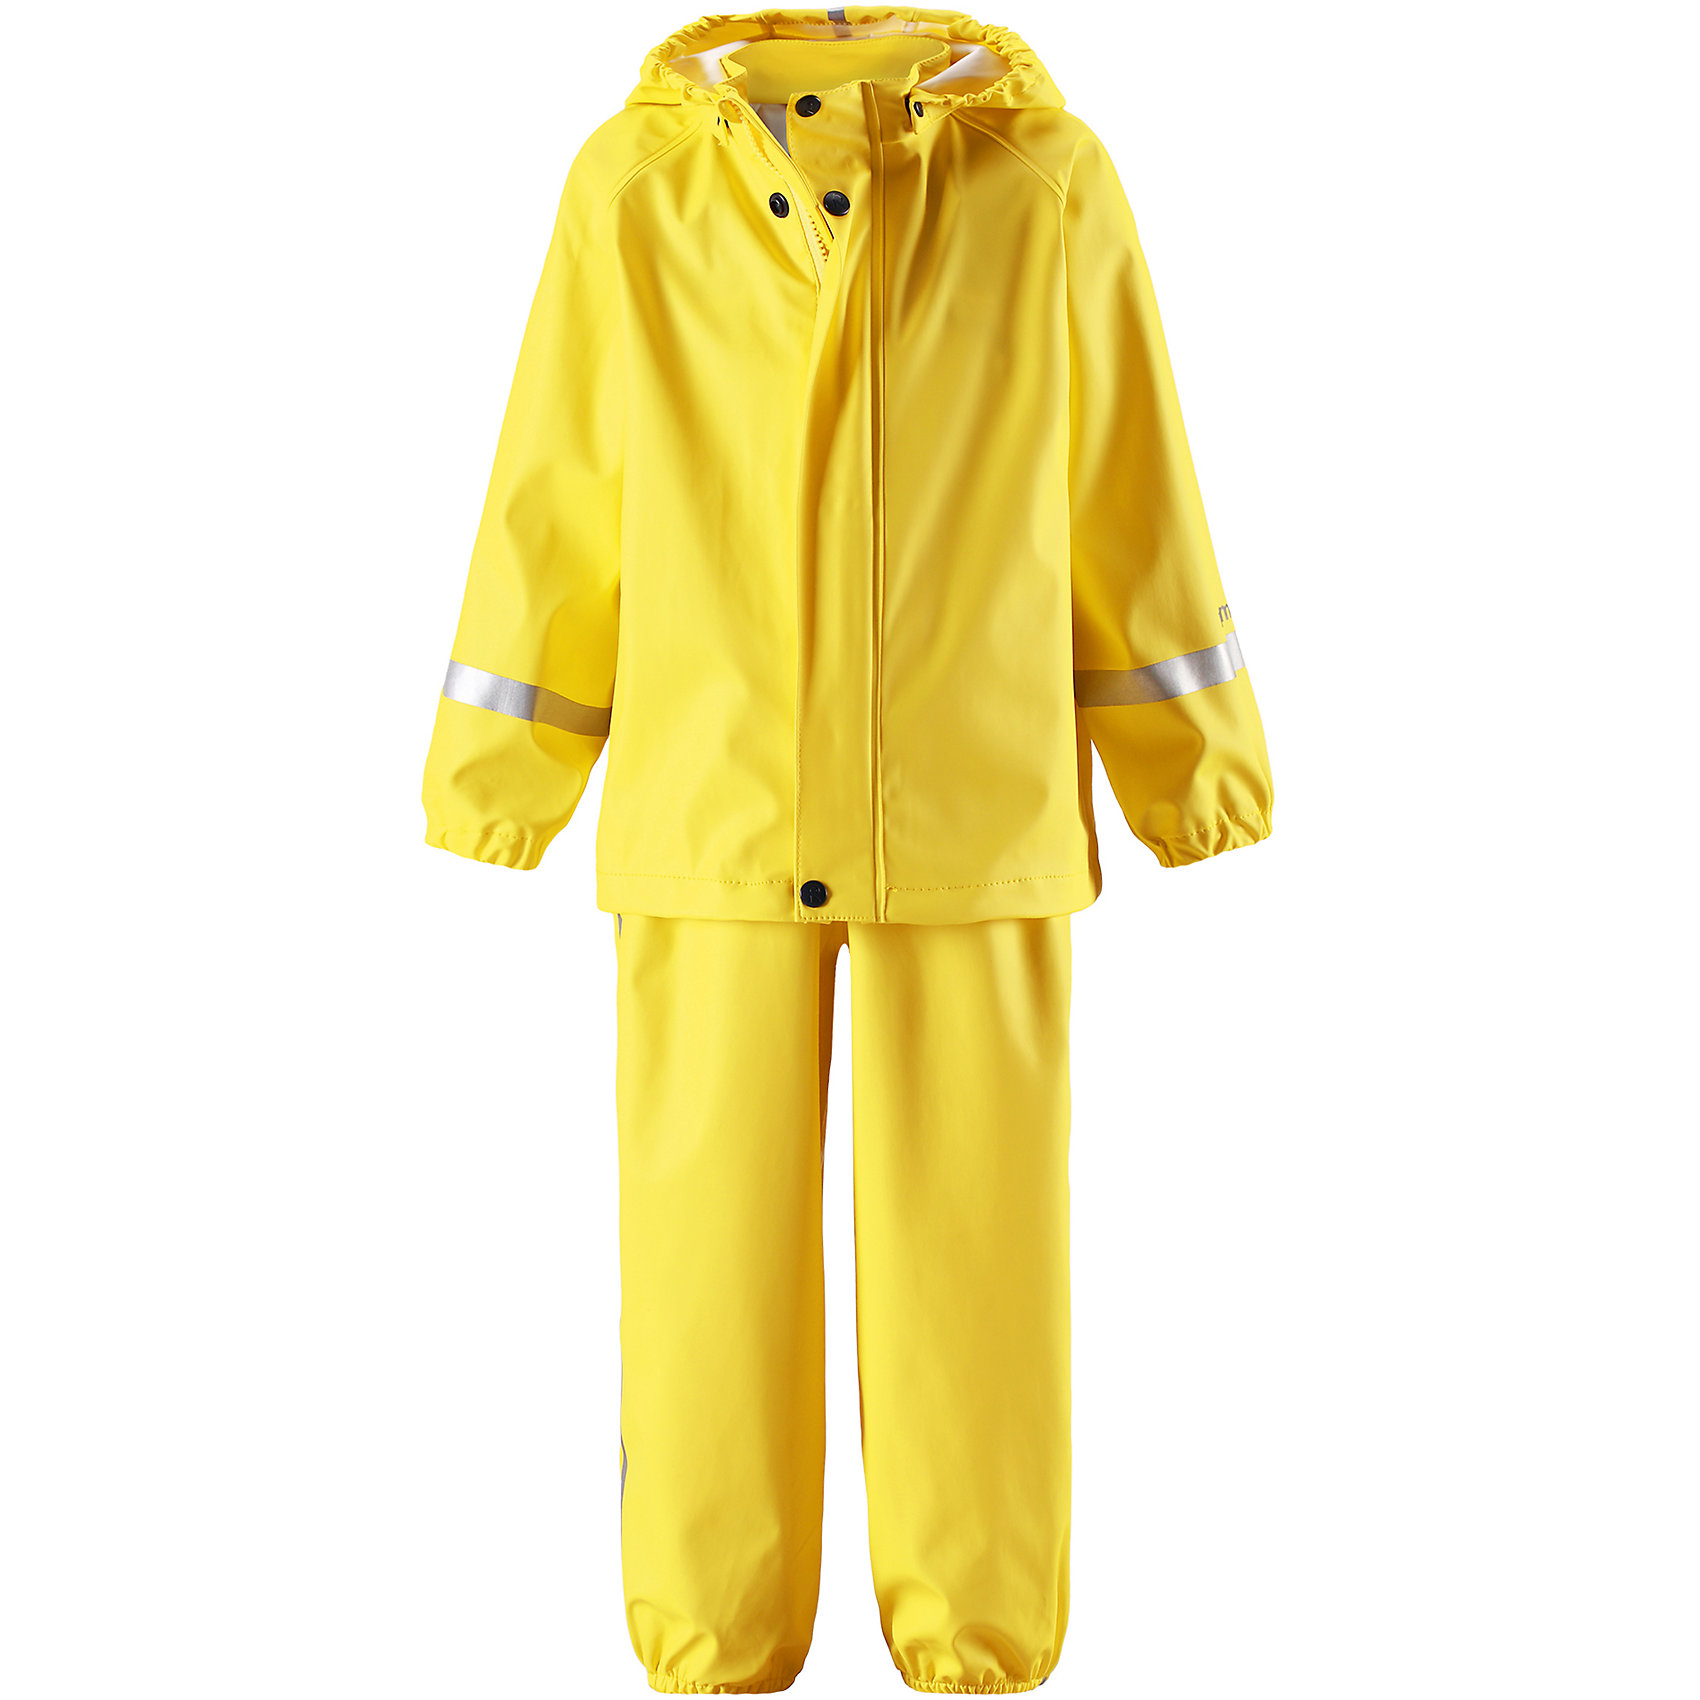 Непромокаемый комплект Tihku: куртка и брюки ReimaОдежда<br>Характеристики товара:<br><br>• цвет: желтый<br>• состав: 100% полиэстер, полиуретановое покрытие<br>• температурный режим: от +10°до +20°С<br>• водонепроницаемость: 10000 мм<br>• без утеплителя<br>• комплектация: куртка, штаны<br>• водонепроницаемый материал с запаянными швами<br>• эластичный материал<br>• не содержит ПВХ<br>• безопасный съемный капюшон<br>• эластичные манжеты <br>• регулируемая талия<br>• эластичные манжеты на брючинах<br>• комфортная посадка<br>• съемные эластичные штрипки <br>• регулируемые подтяжки<br>• спереди застёгивается на молнию<br>• светоотражающие детали<br>• страна производства: Китай<br>• страна бренда: Финляндия<br>• коллекция: весна-лето 2017<br><br>Демисезонный комплект из куртки и штанов поможет обеспечить ребенку комфорт и тепло. Предметы отлично смотрятся с различной одеждой. Комплект удобно сидит и модно выглядит. Материал отлично подходит для дождливой погоды. Стильный дизайн разрабатывался специально для детей.<br><br>Обувь и одежда от финского бренда Reima пользуются популярностью во многих странах. Они стильные, качественные и удобные. Для производства продукции используются только безопасные, проверенные материалы и фурнитура.<br><br>Комплект: куртка и брюки для мальчика от финского бренда Reima (Рейма) можно купить в нашем интернет-магазине.<br><br>Ширина мм: 356<br>Глубина мм: 10<br>Высота мм: 245<br>Вес г: 519<br>Цвет: желтый<br>Возраст от месяцев: 36<br>Возраст до месяцев: 48<br>Пол: Унисекс<br>Возраст: Детский<br>Размер: 104,92,98,86,110,80,116,74<br>SKU: 5265463